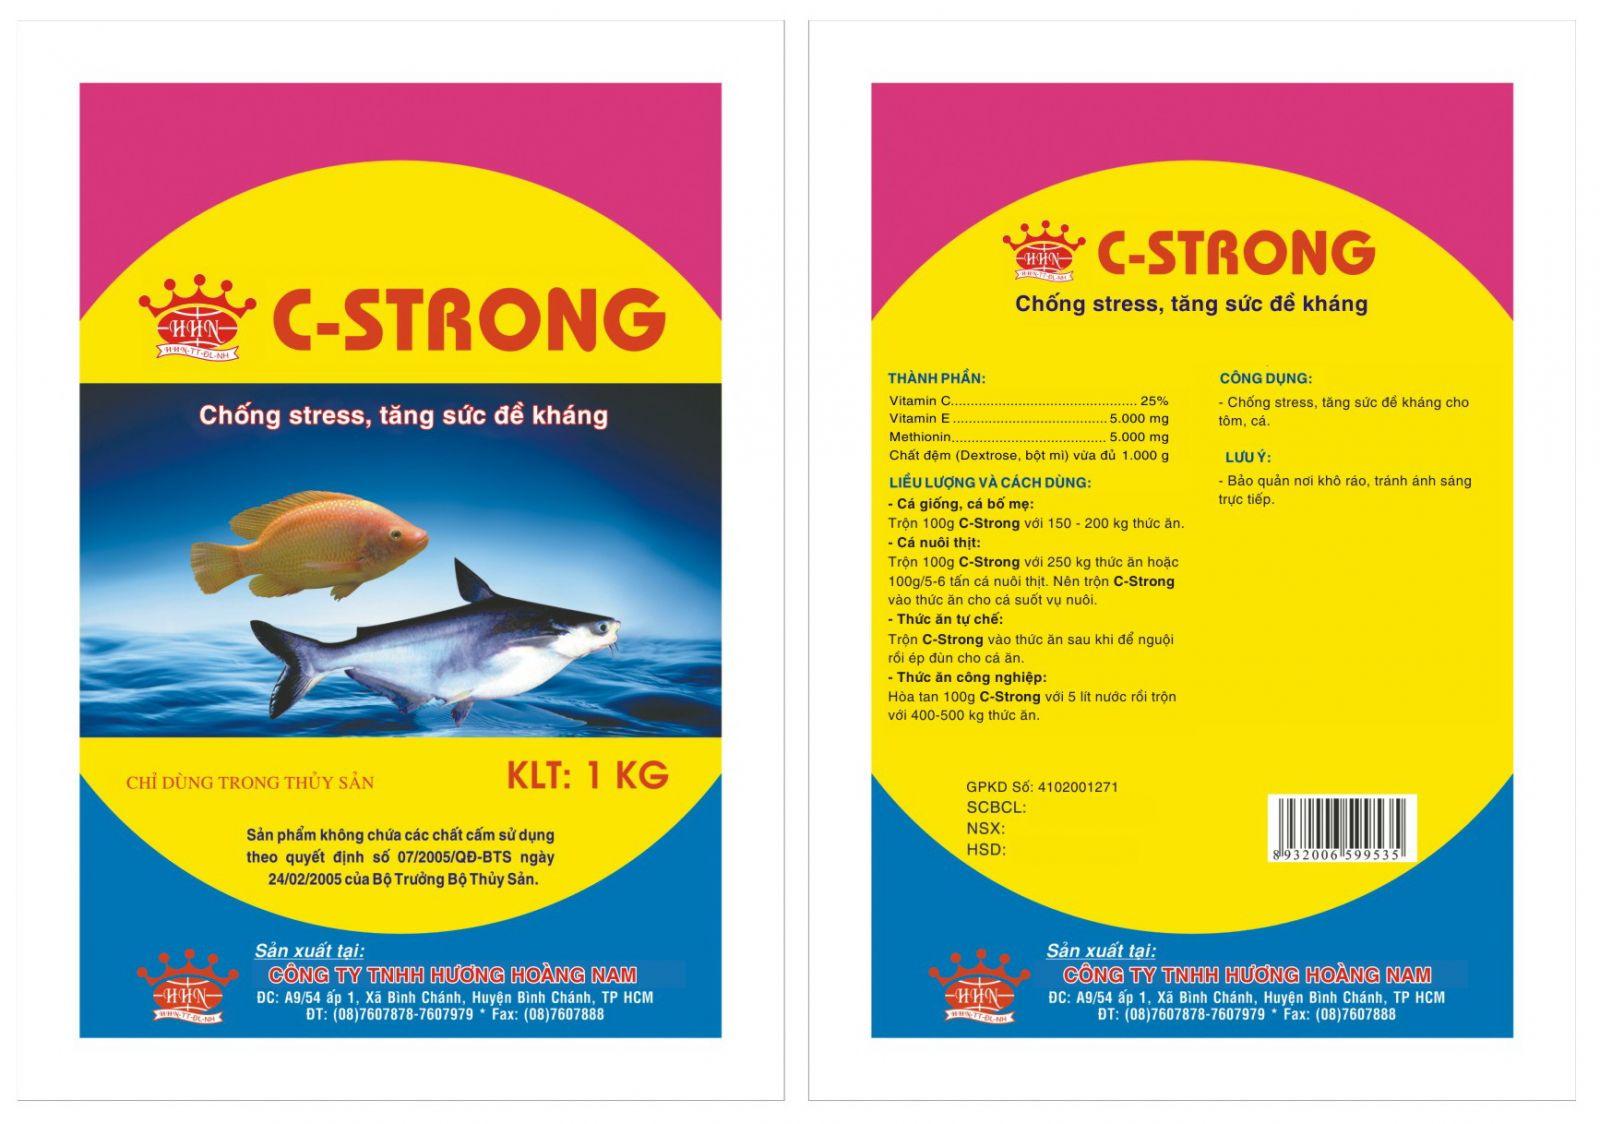 Dinh dưỡng thủy sản HHN - Cstrong